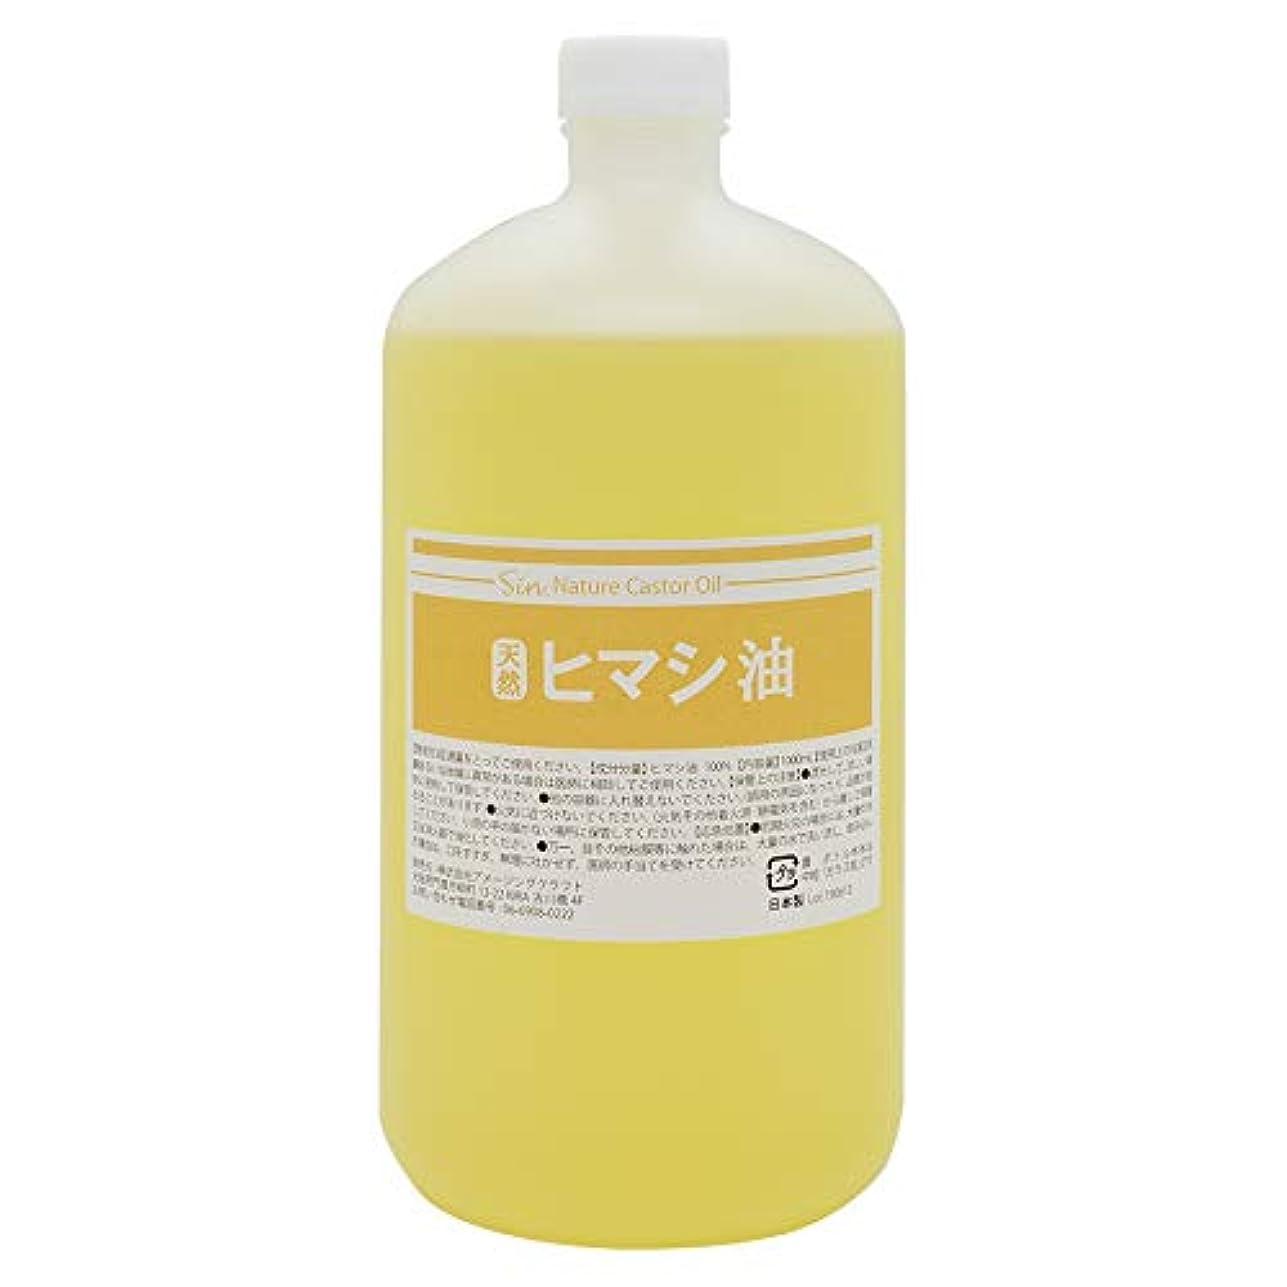 ルール暗黙陽気な天然無添加 国内精製 ひまし油 1000ml (ヒマシ油 キャスターオイル)